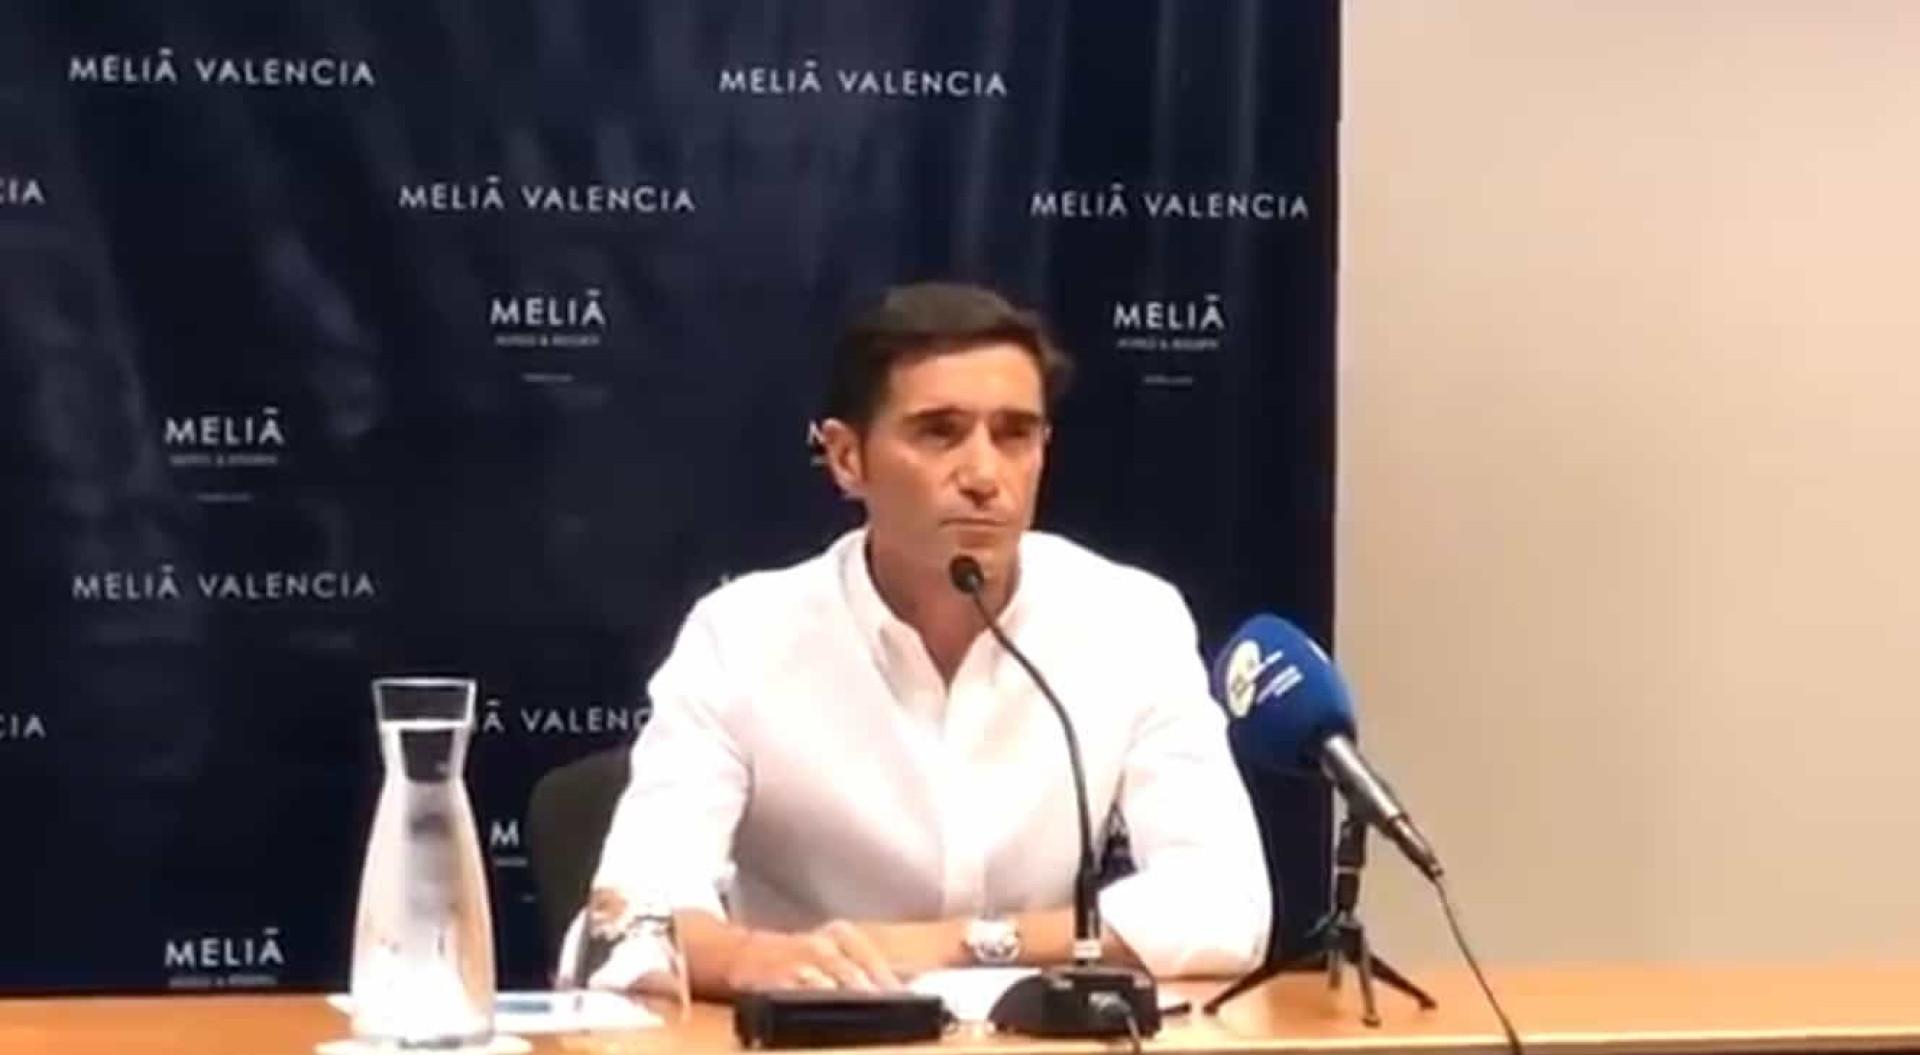 Despedida emocionada: As lágrimas de Marcelino no adeus ao Valencia